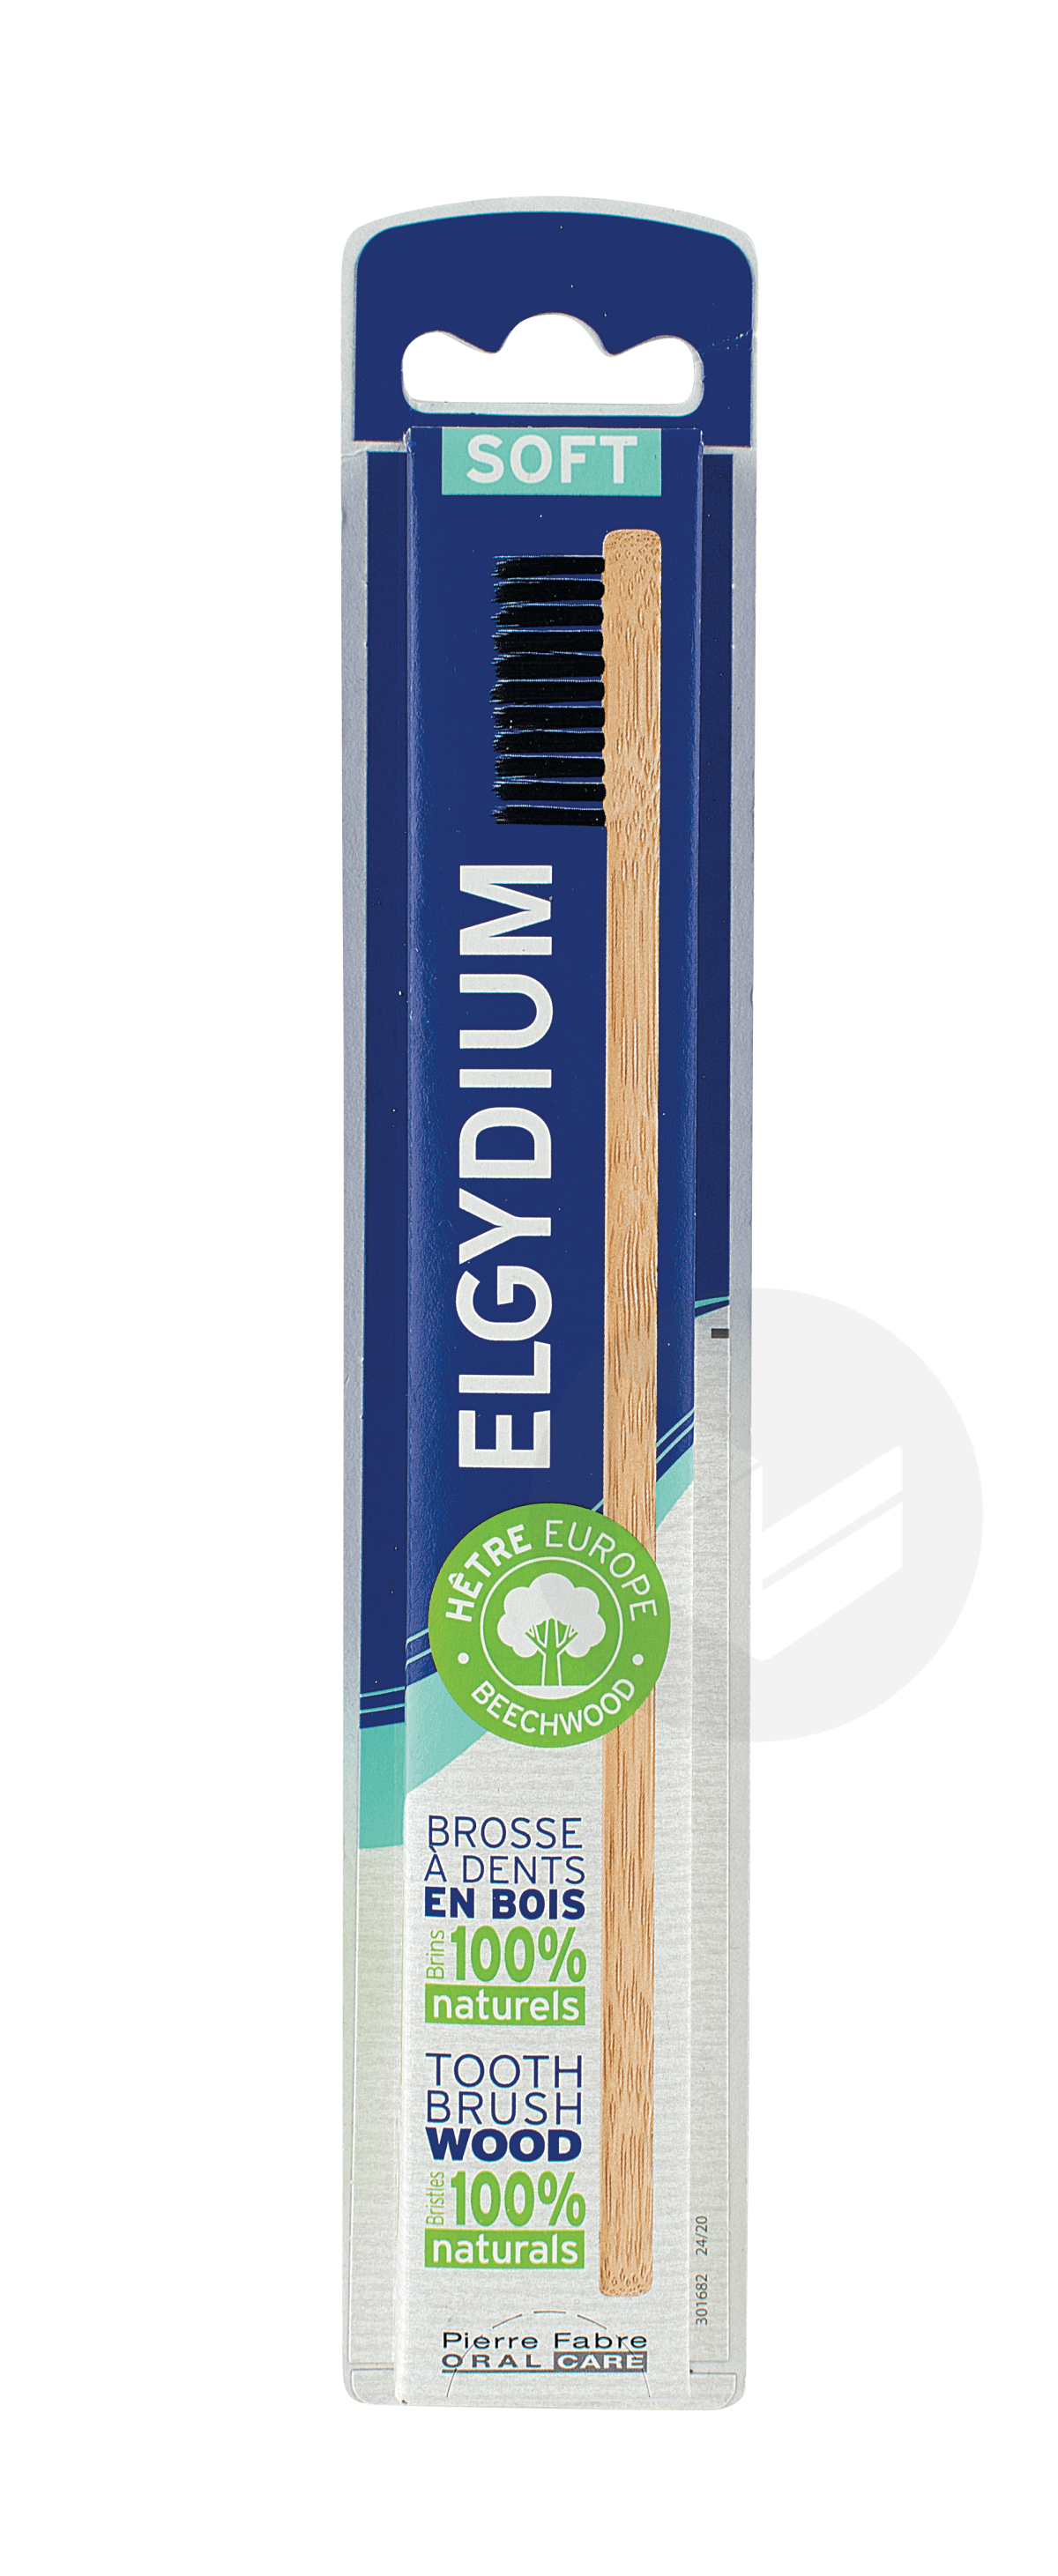 Brosse à dents Bois éco conçue souple